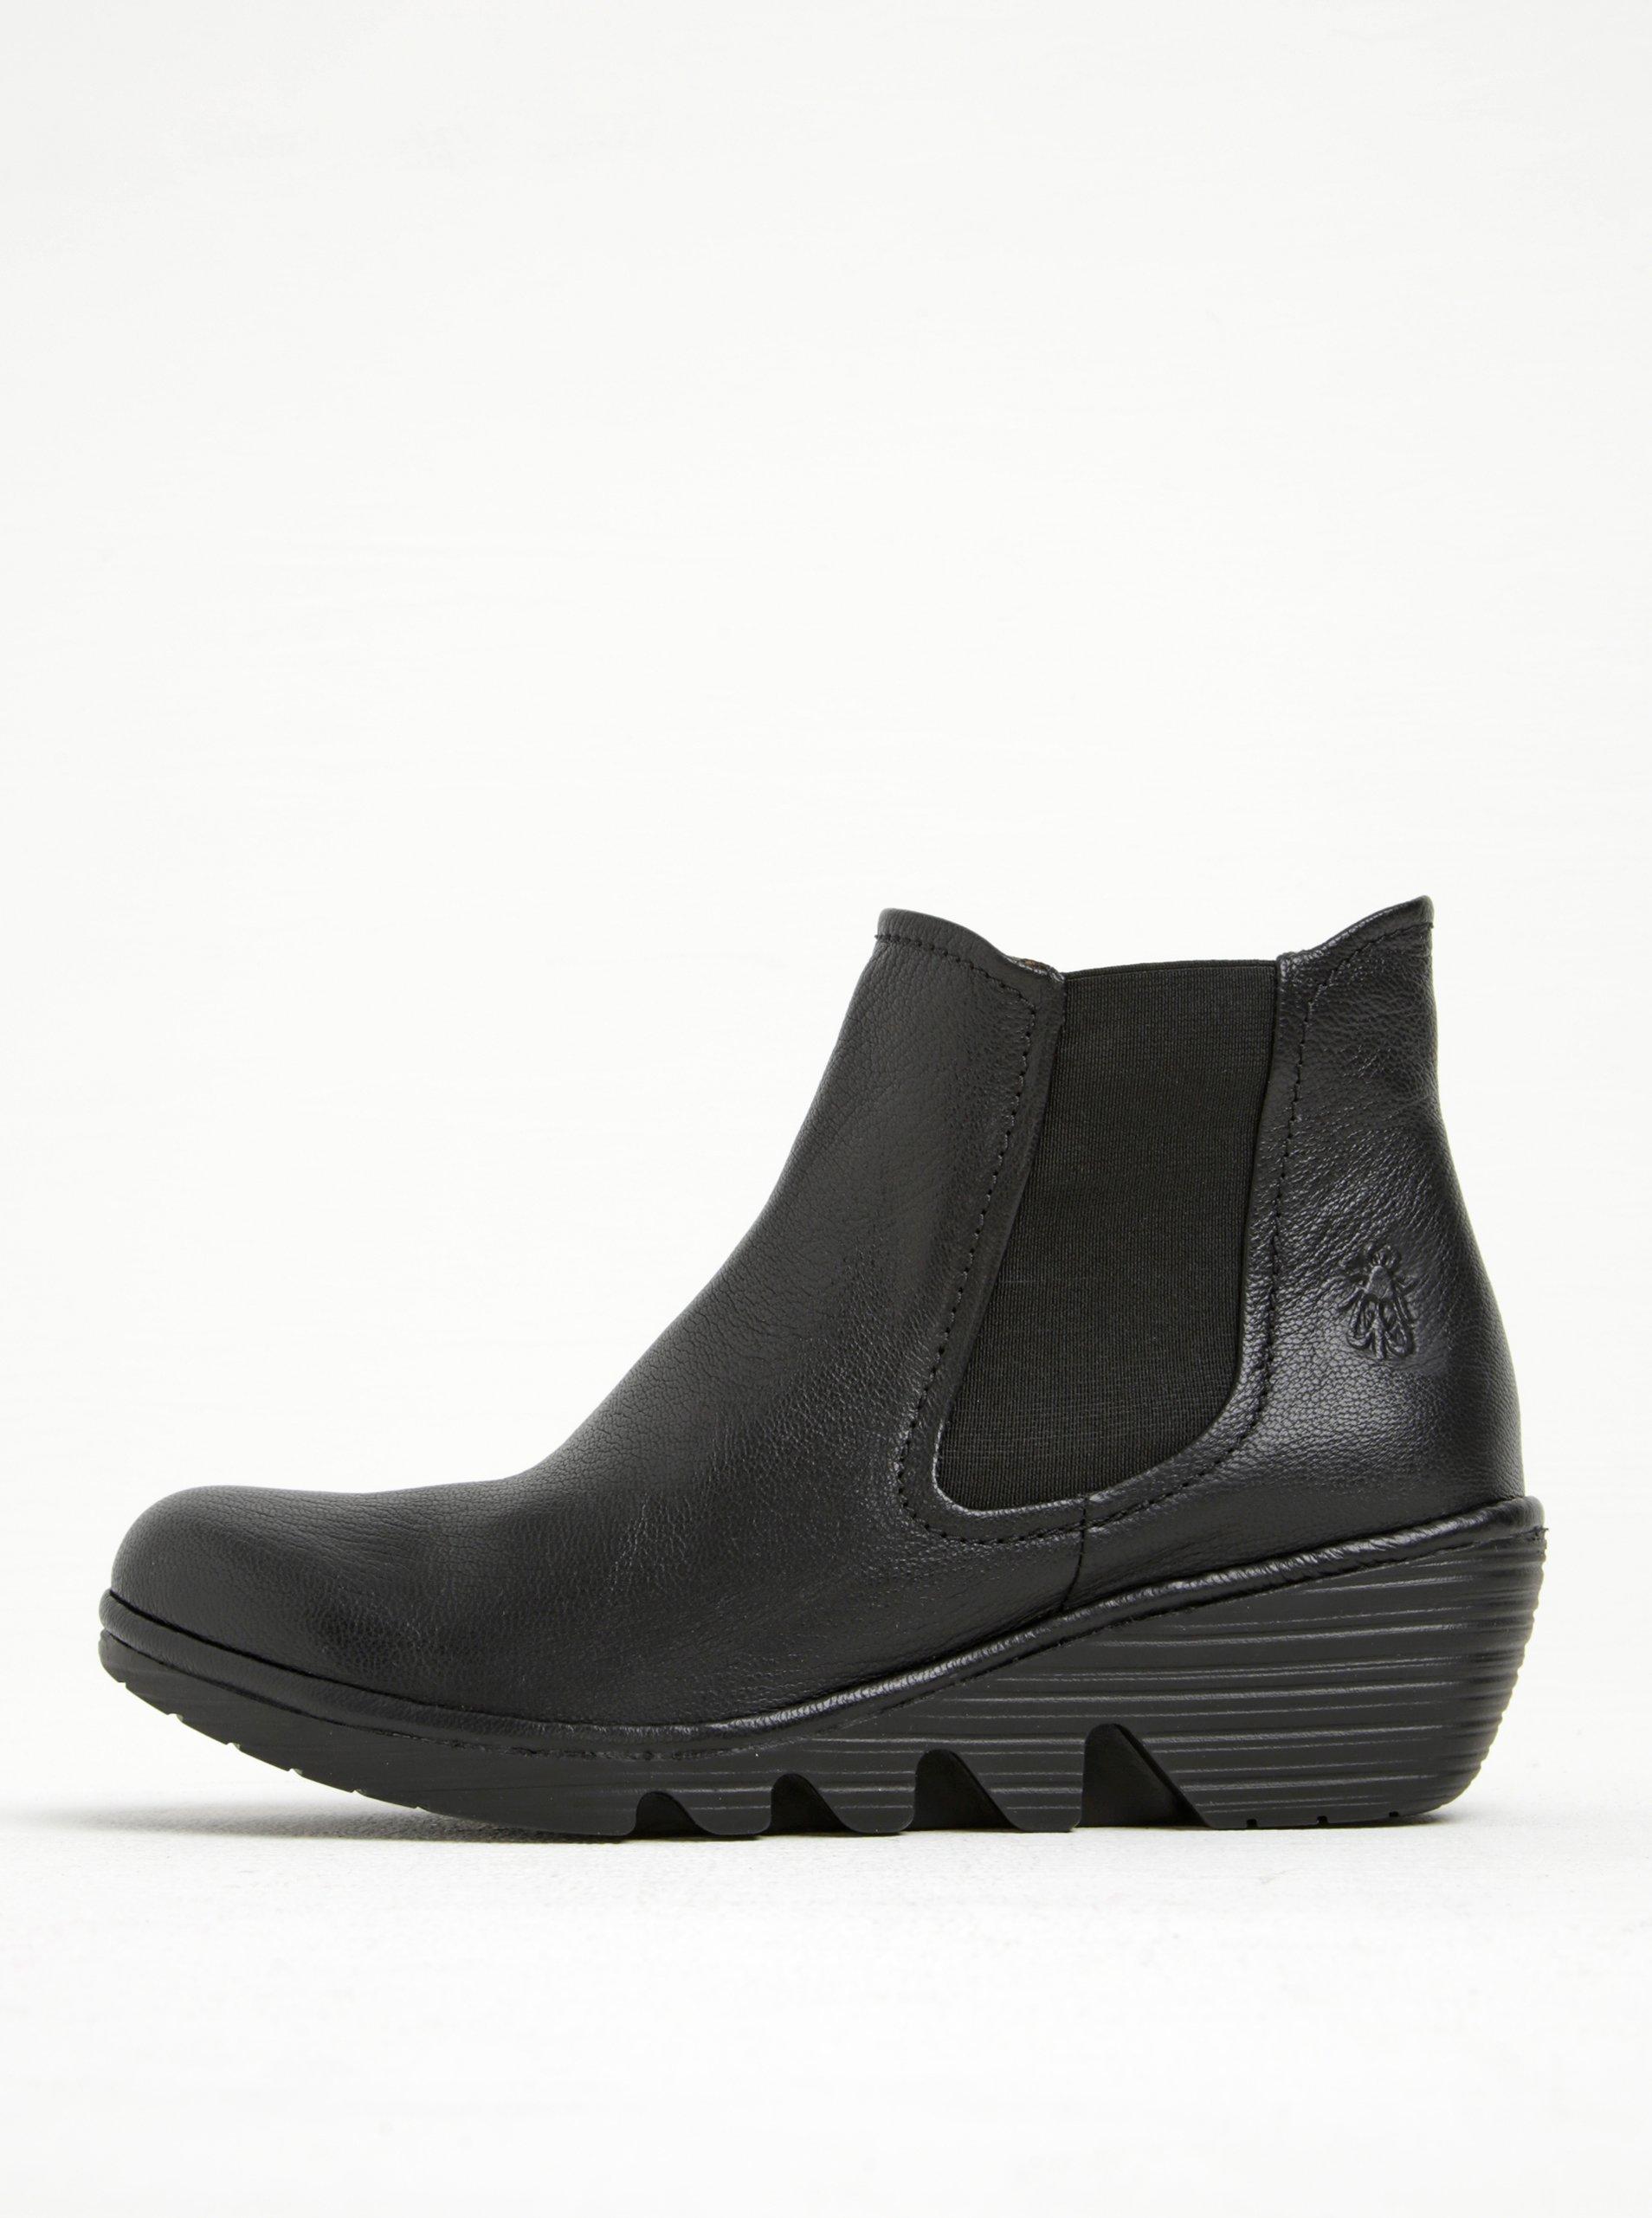 Černé dámské kožené chelsea boty na platformě FLY London